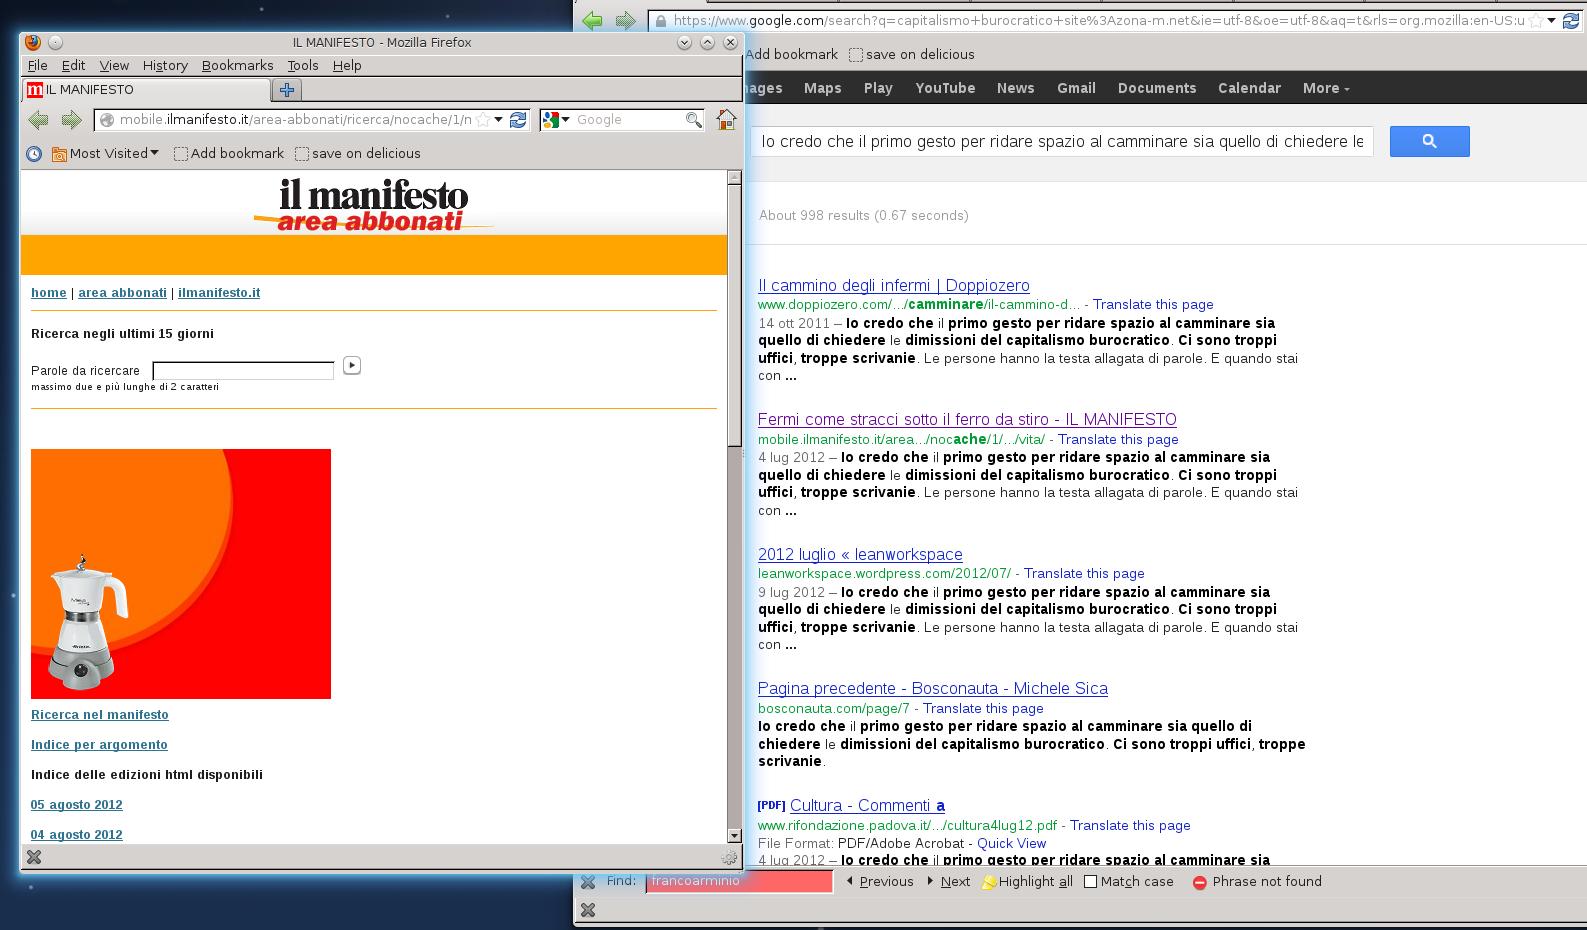 I danni che fate copiando male su Internet /img/manifesto_francoarminio.png